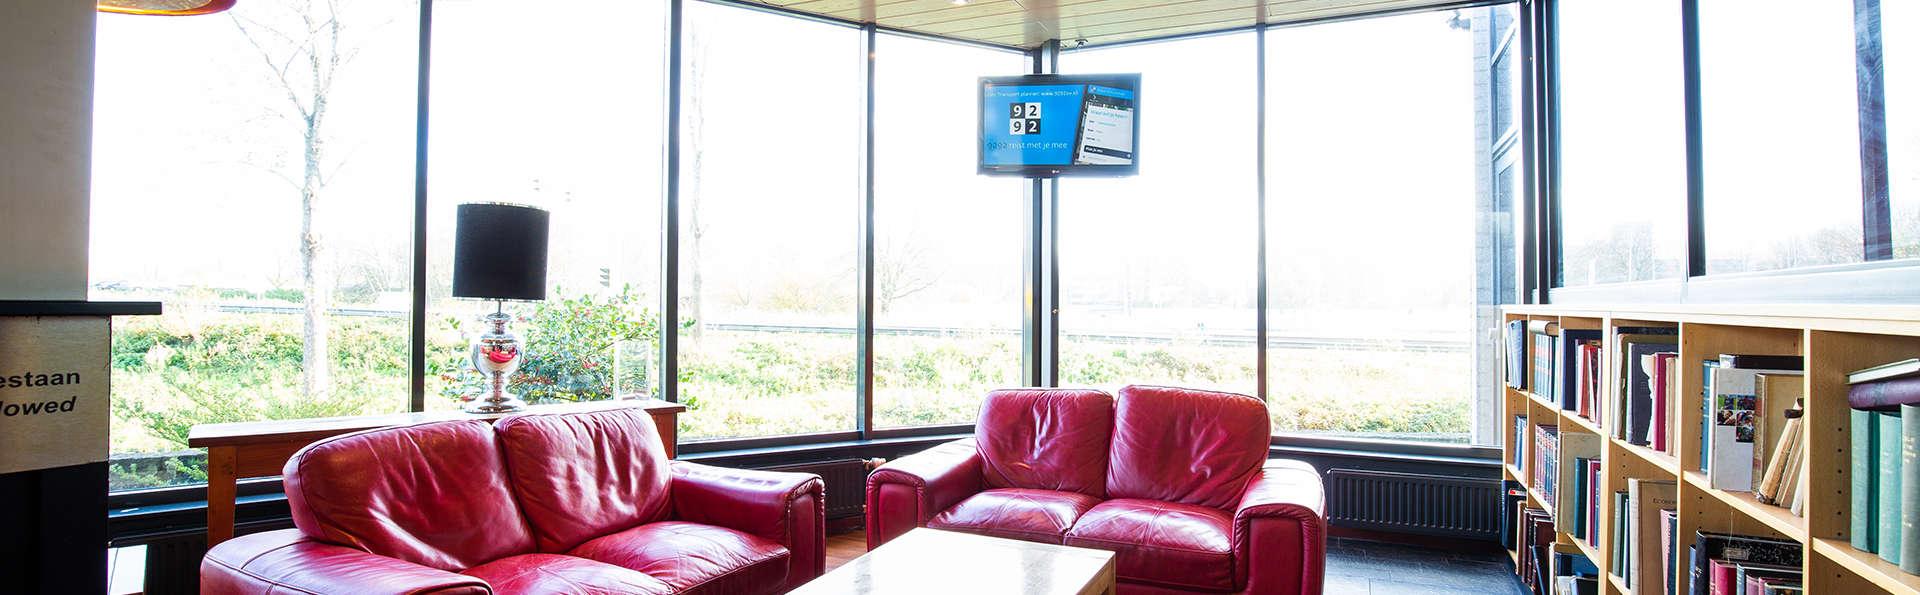 Bastion Hotel Amsterdam Amstel - EDIT_LOBBY.jpg